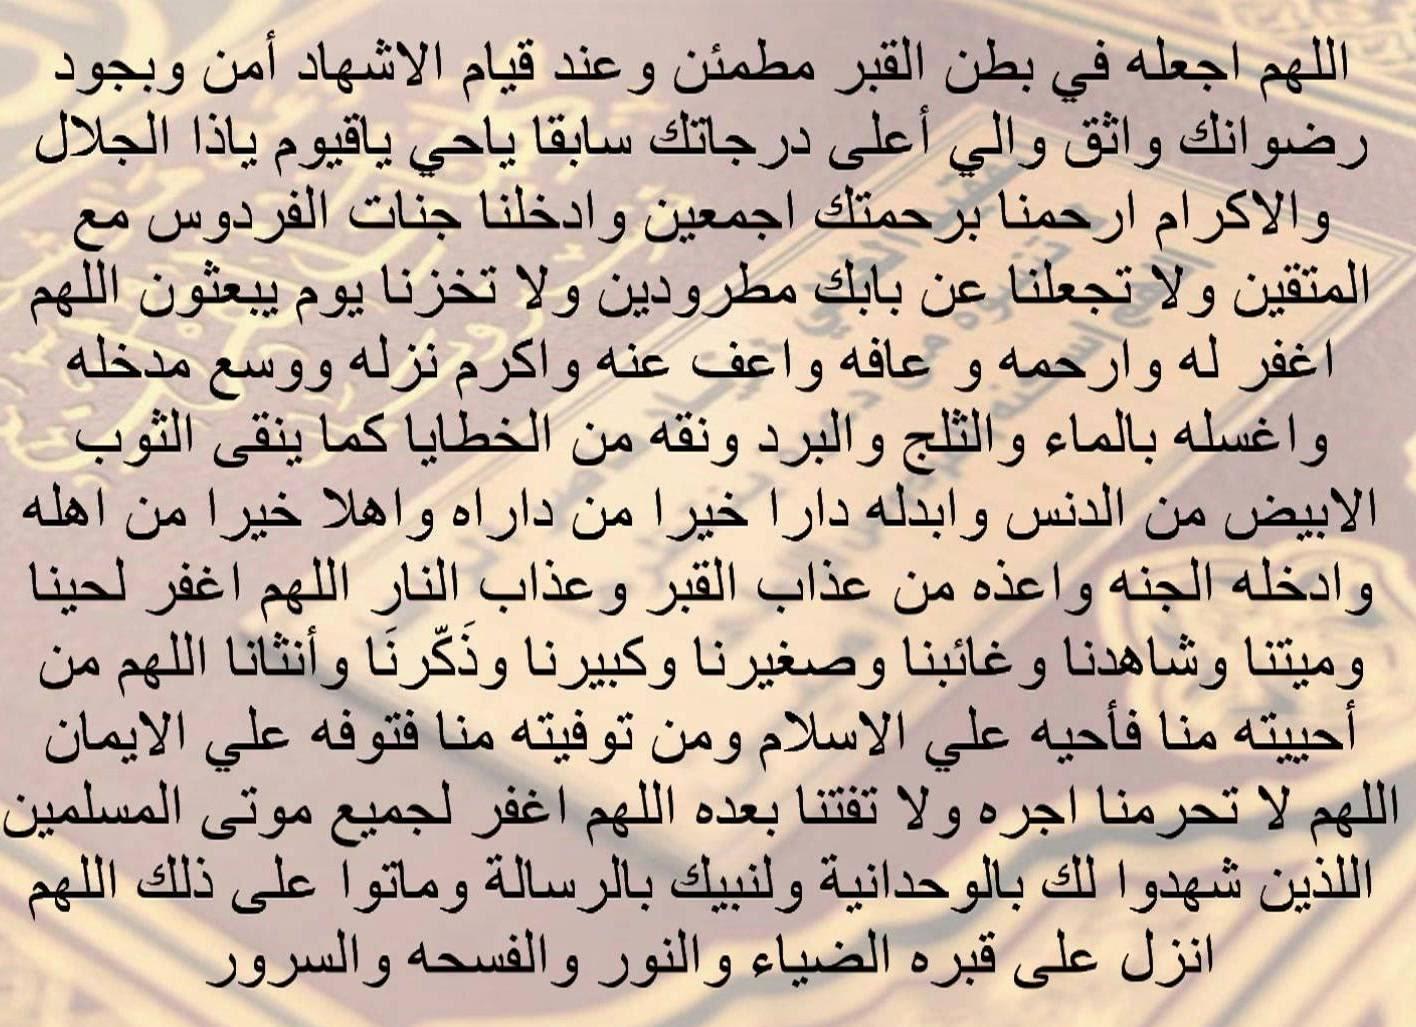 بالصور دعاء للمسلمين , افضل دعاء للمسلمين للتقرب الى الله 5962 2